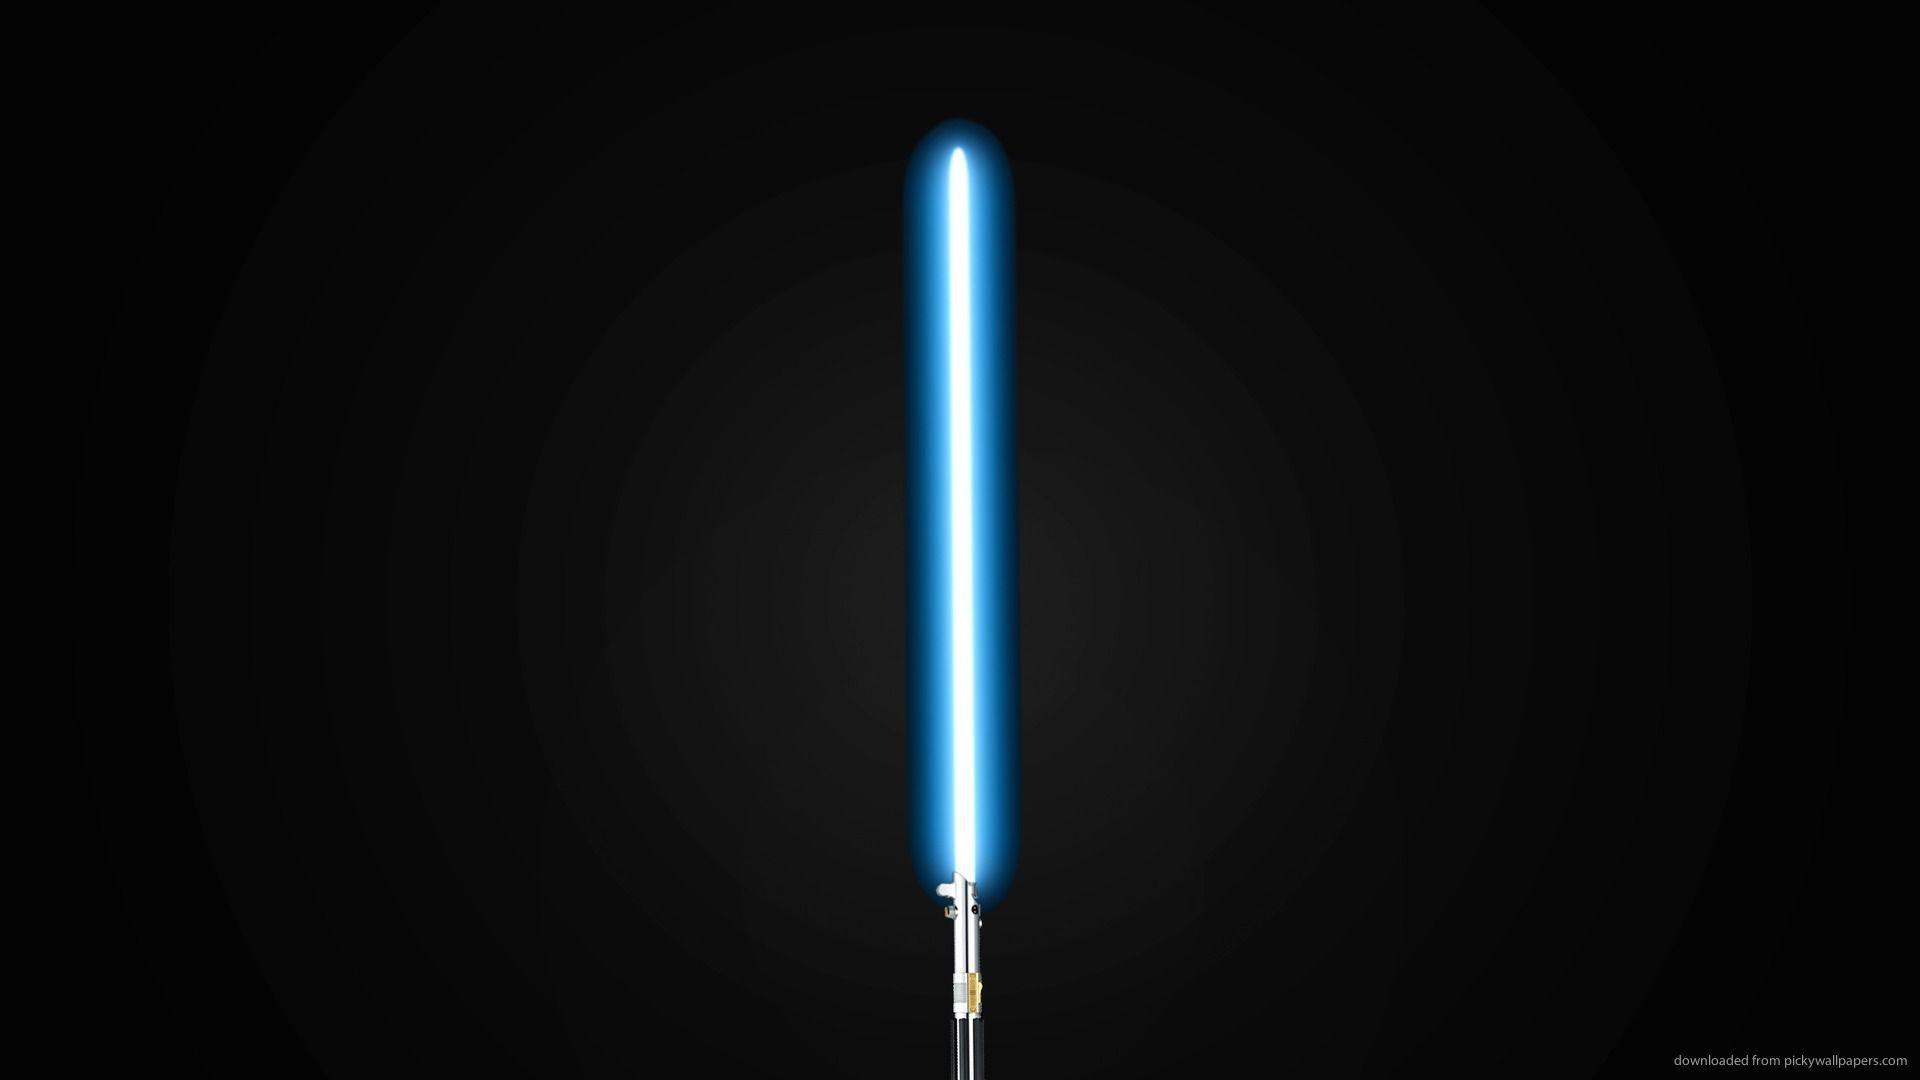 HD Blue Lightsaber Wallpaper